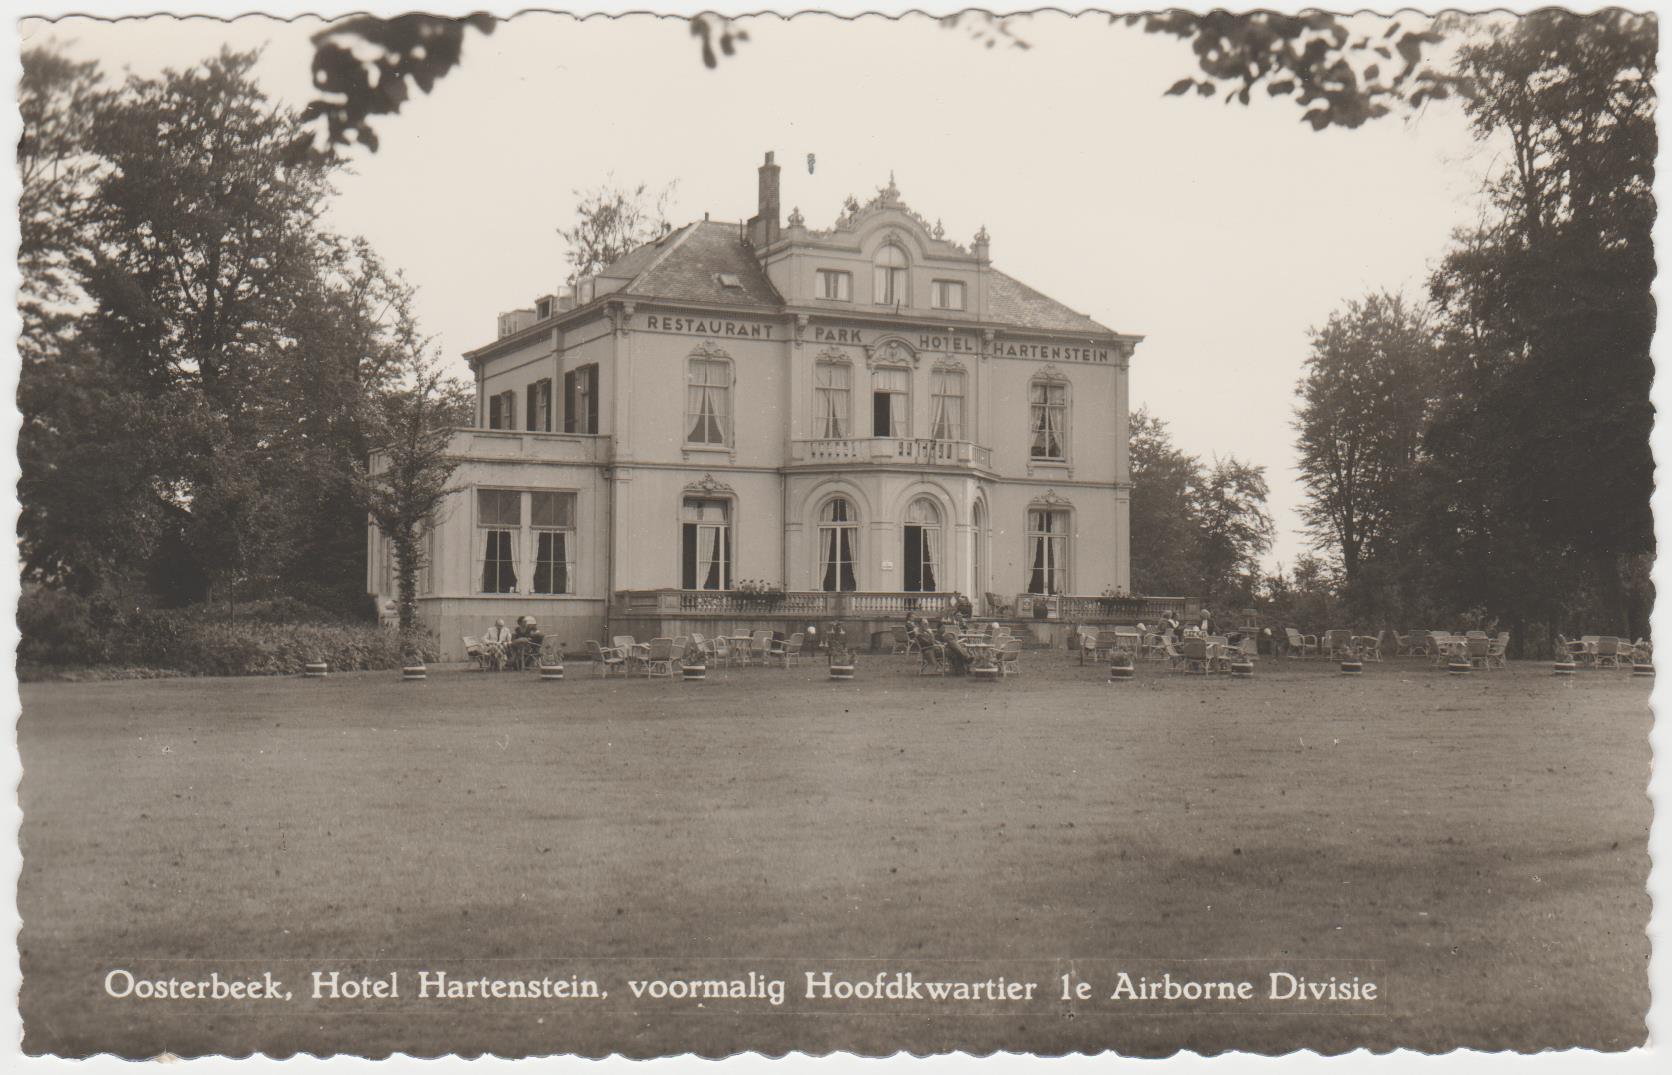 Oosterbeek Hotel Hartenstein